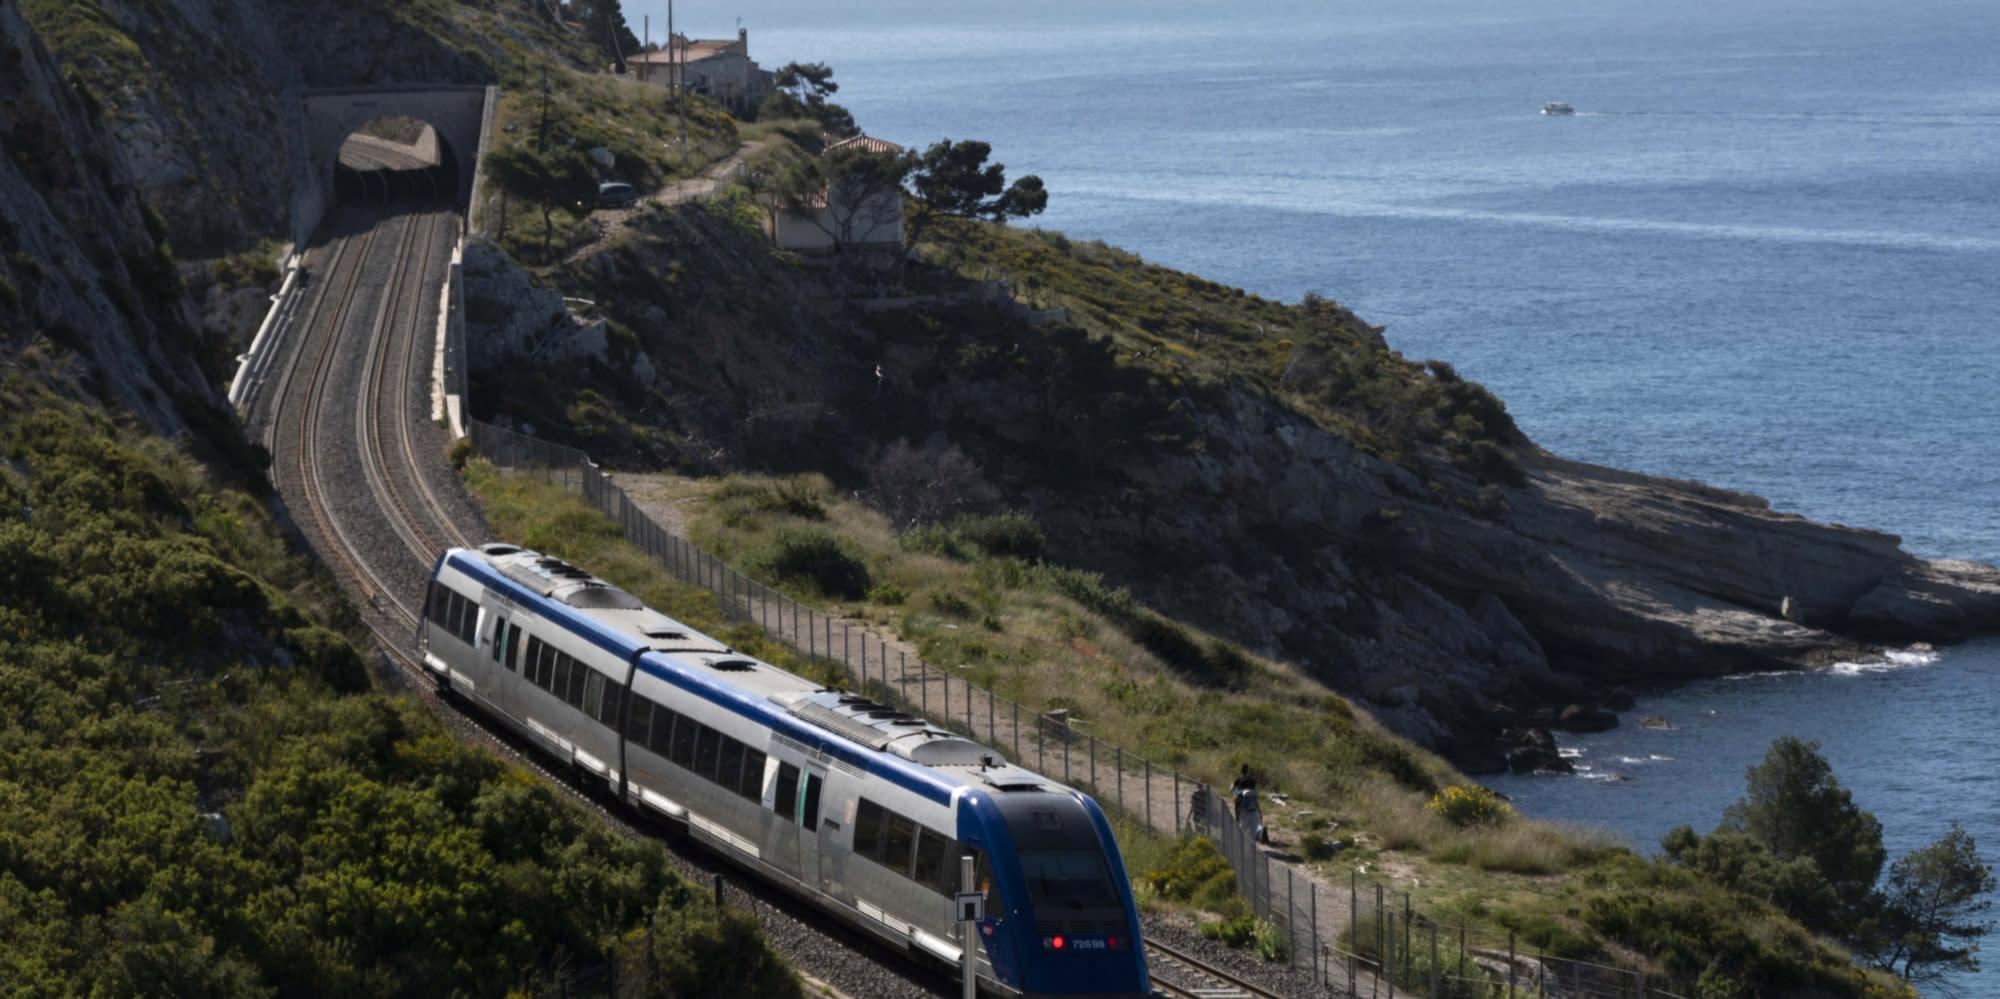 """Transports à Marseille : """"On a plus de quarante ans de retard"""", déplore un responsable local"""